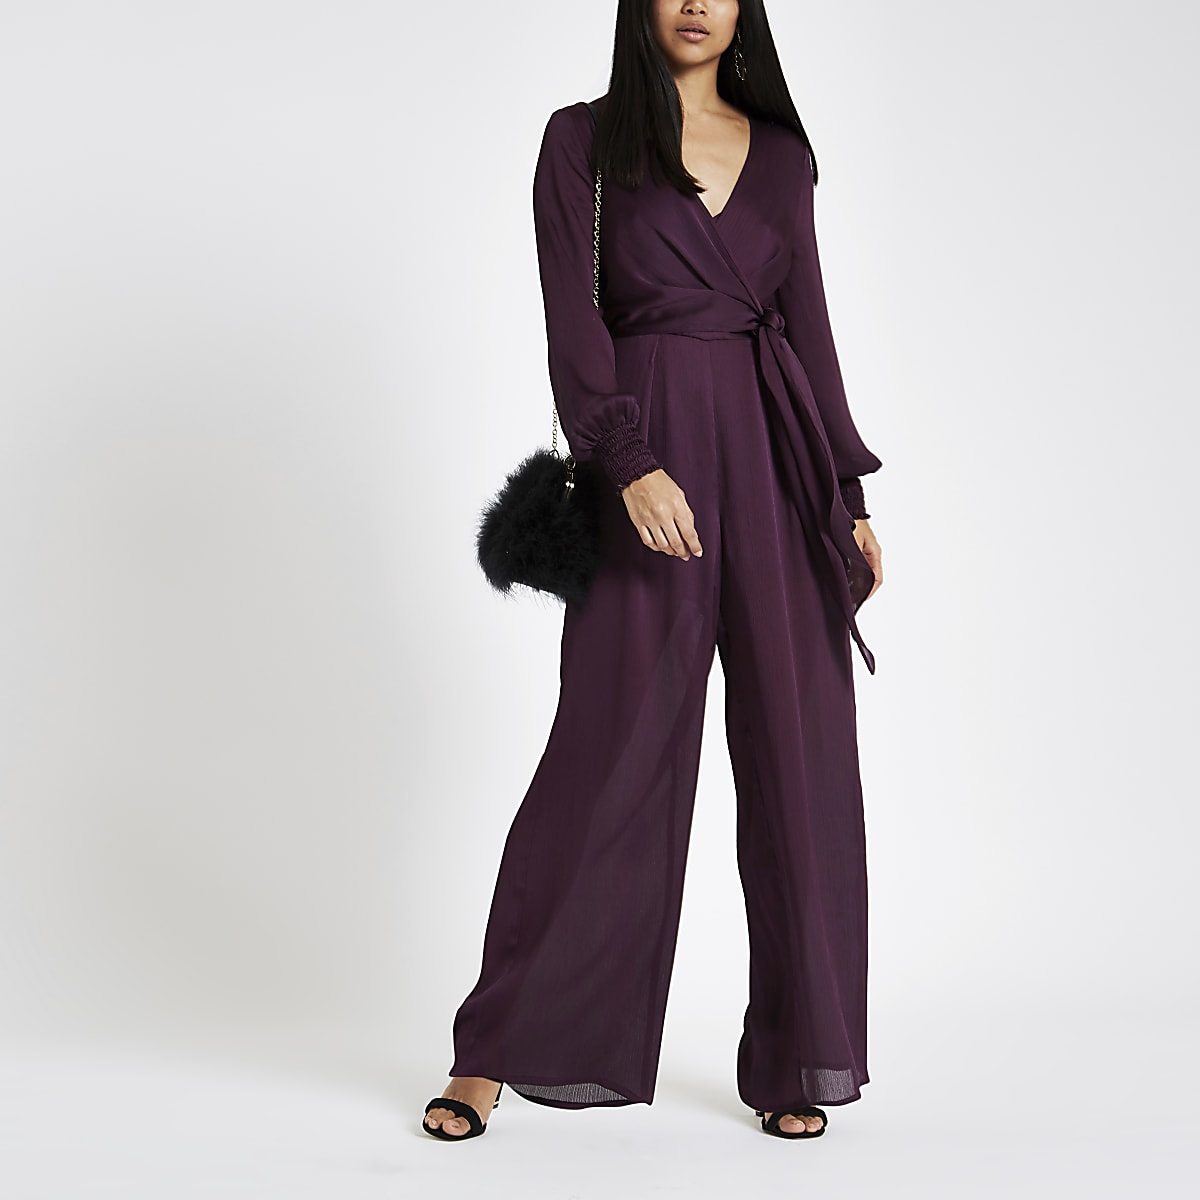 05fd8f7ae0 Petite purple wrap front wide leg jumpsuit - Jumpsuits - Playsuits ...